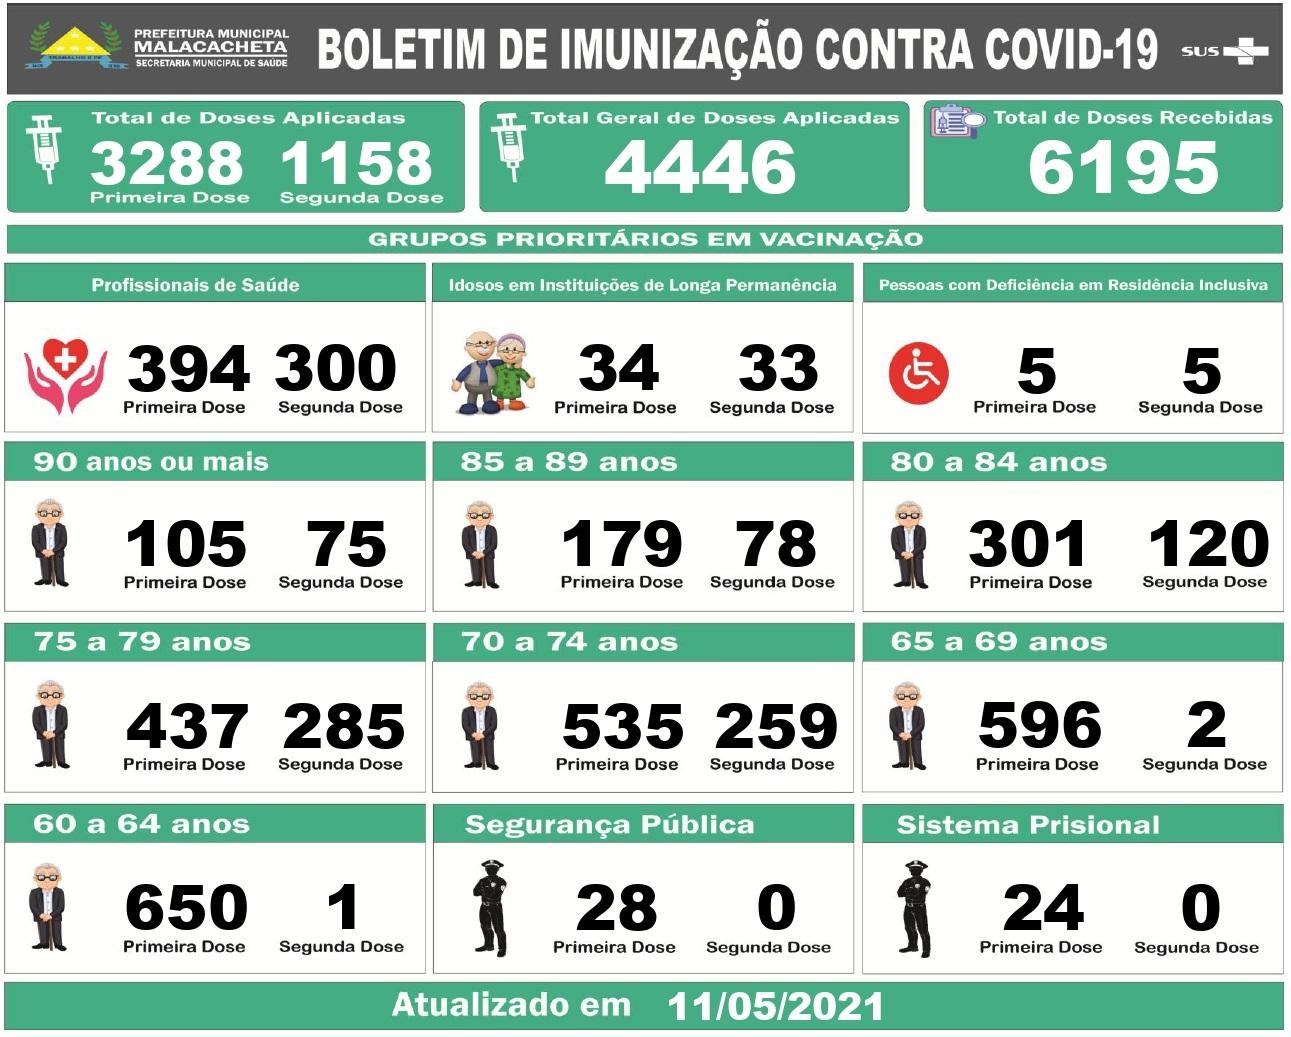 BOLETIM DE IMUNIZAÇÃO - 11/05/2021